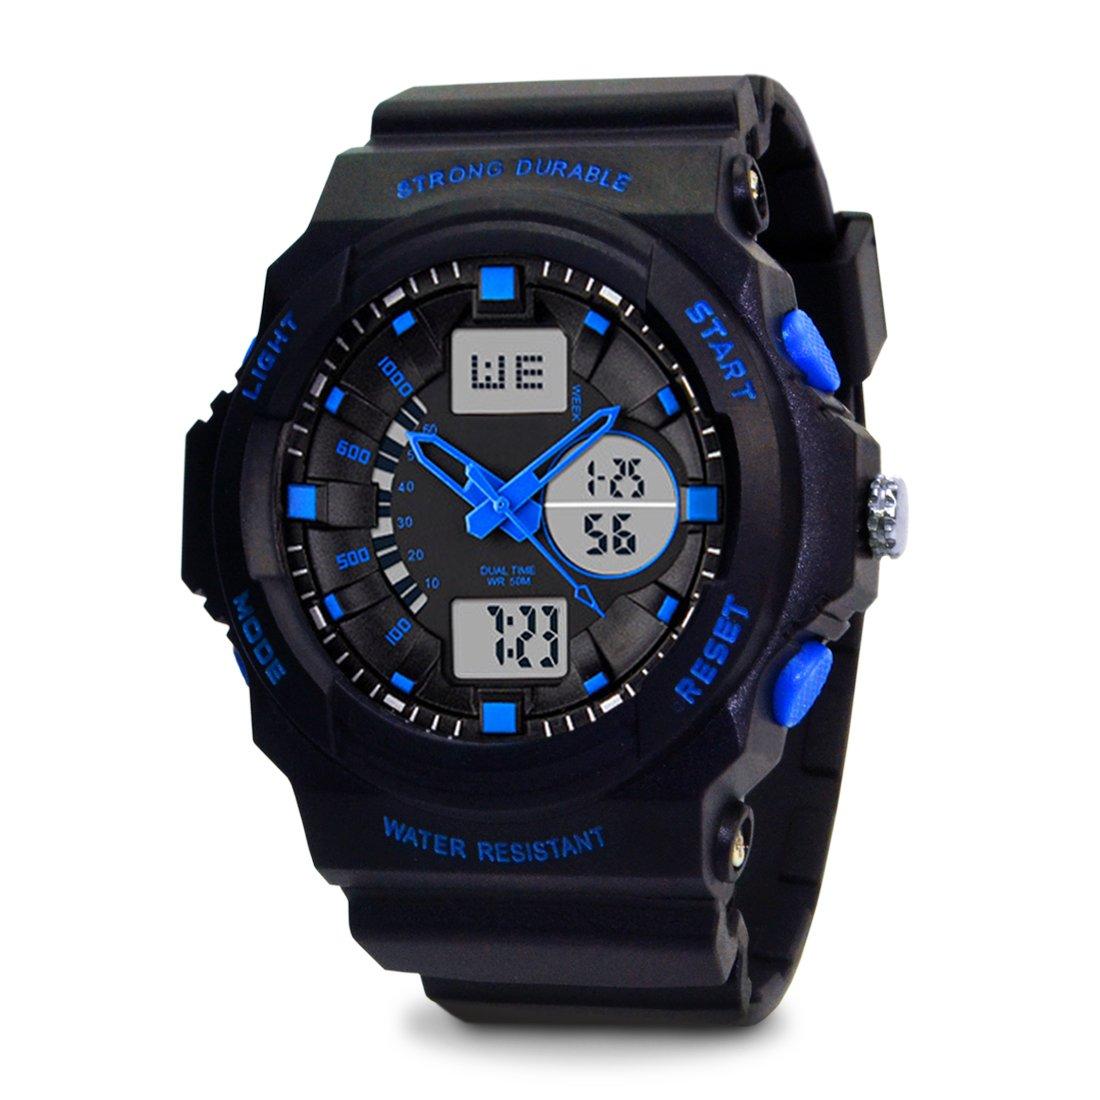 TOPCABIN Boys Watch Digital-Analog Kids Sport Digital Watch with Alarm Stopwatch Chronograph-50m Water Proof Wristwatch…